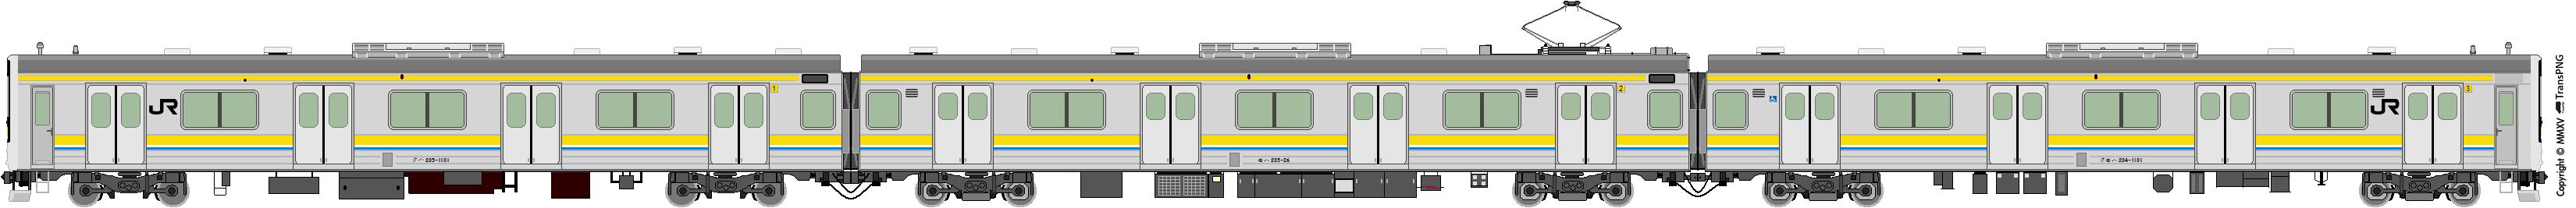 鐵路列車 5566